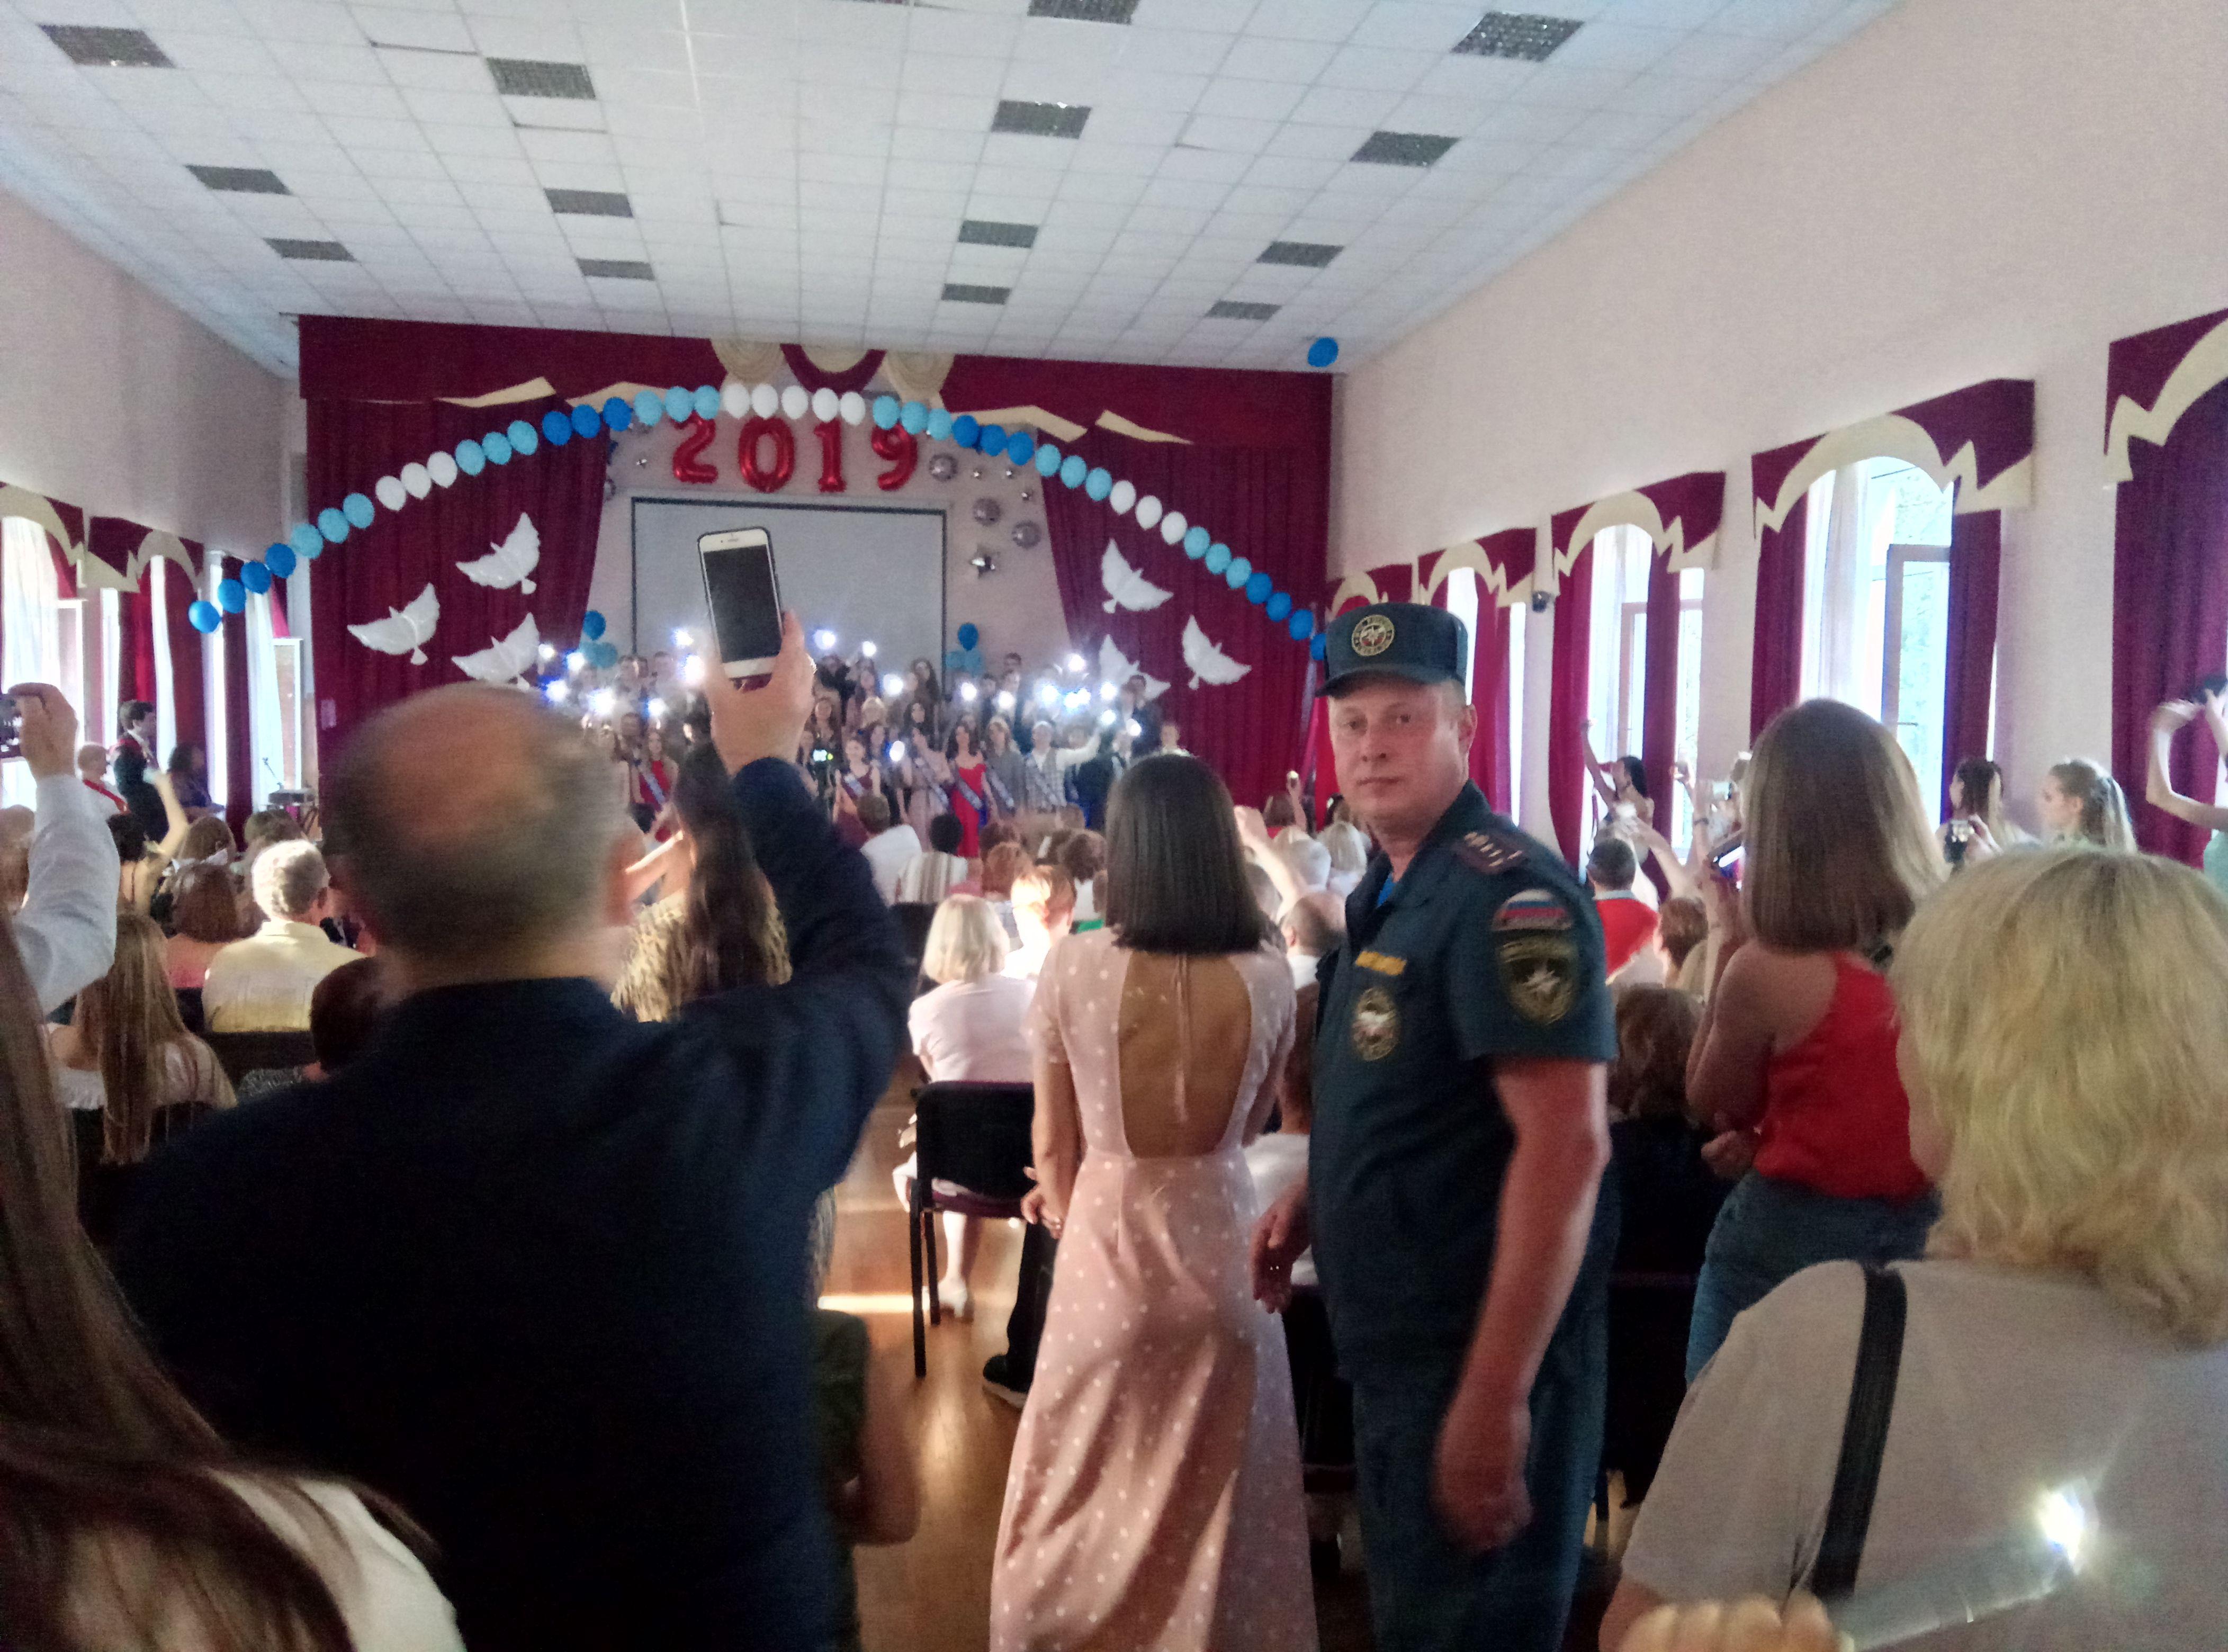 Сотрудники МЧС Южного округа Столицы обеспечивали безопасность выпускных вечеров